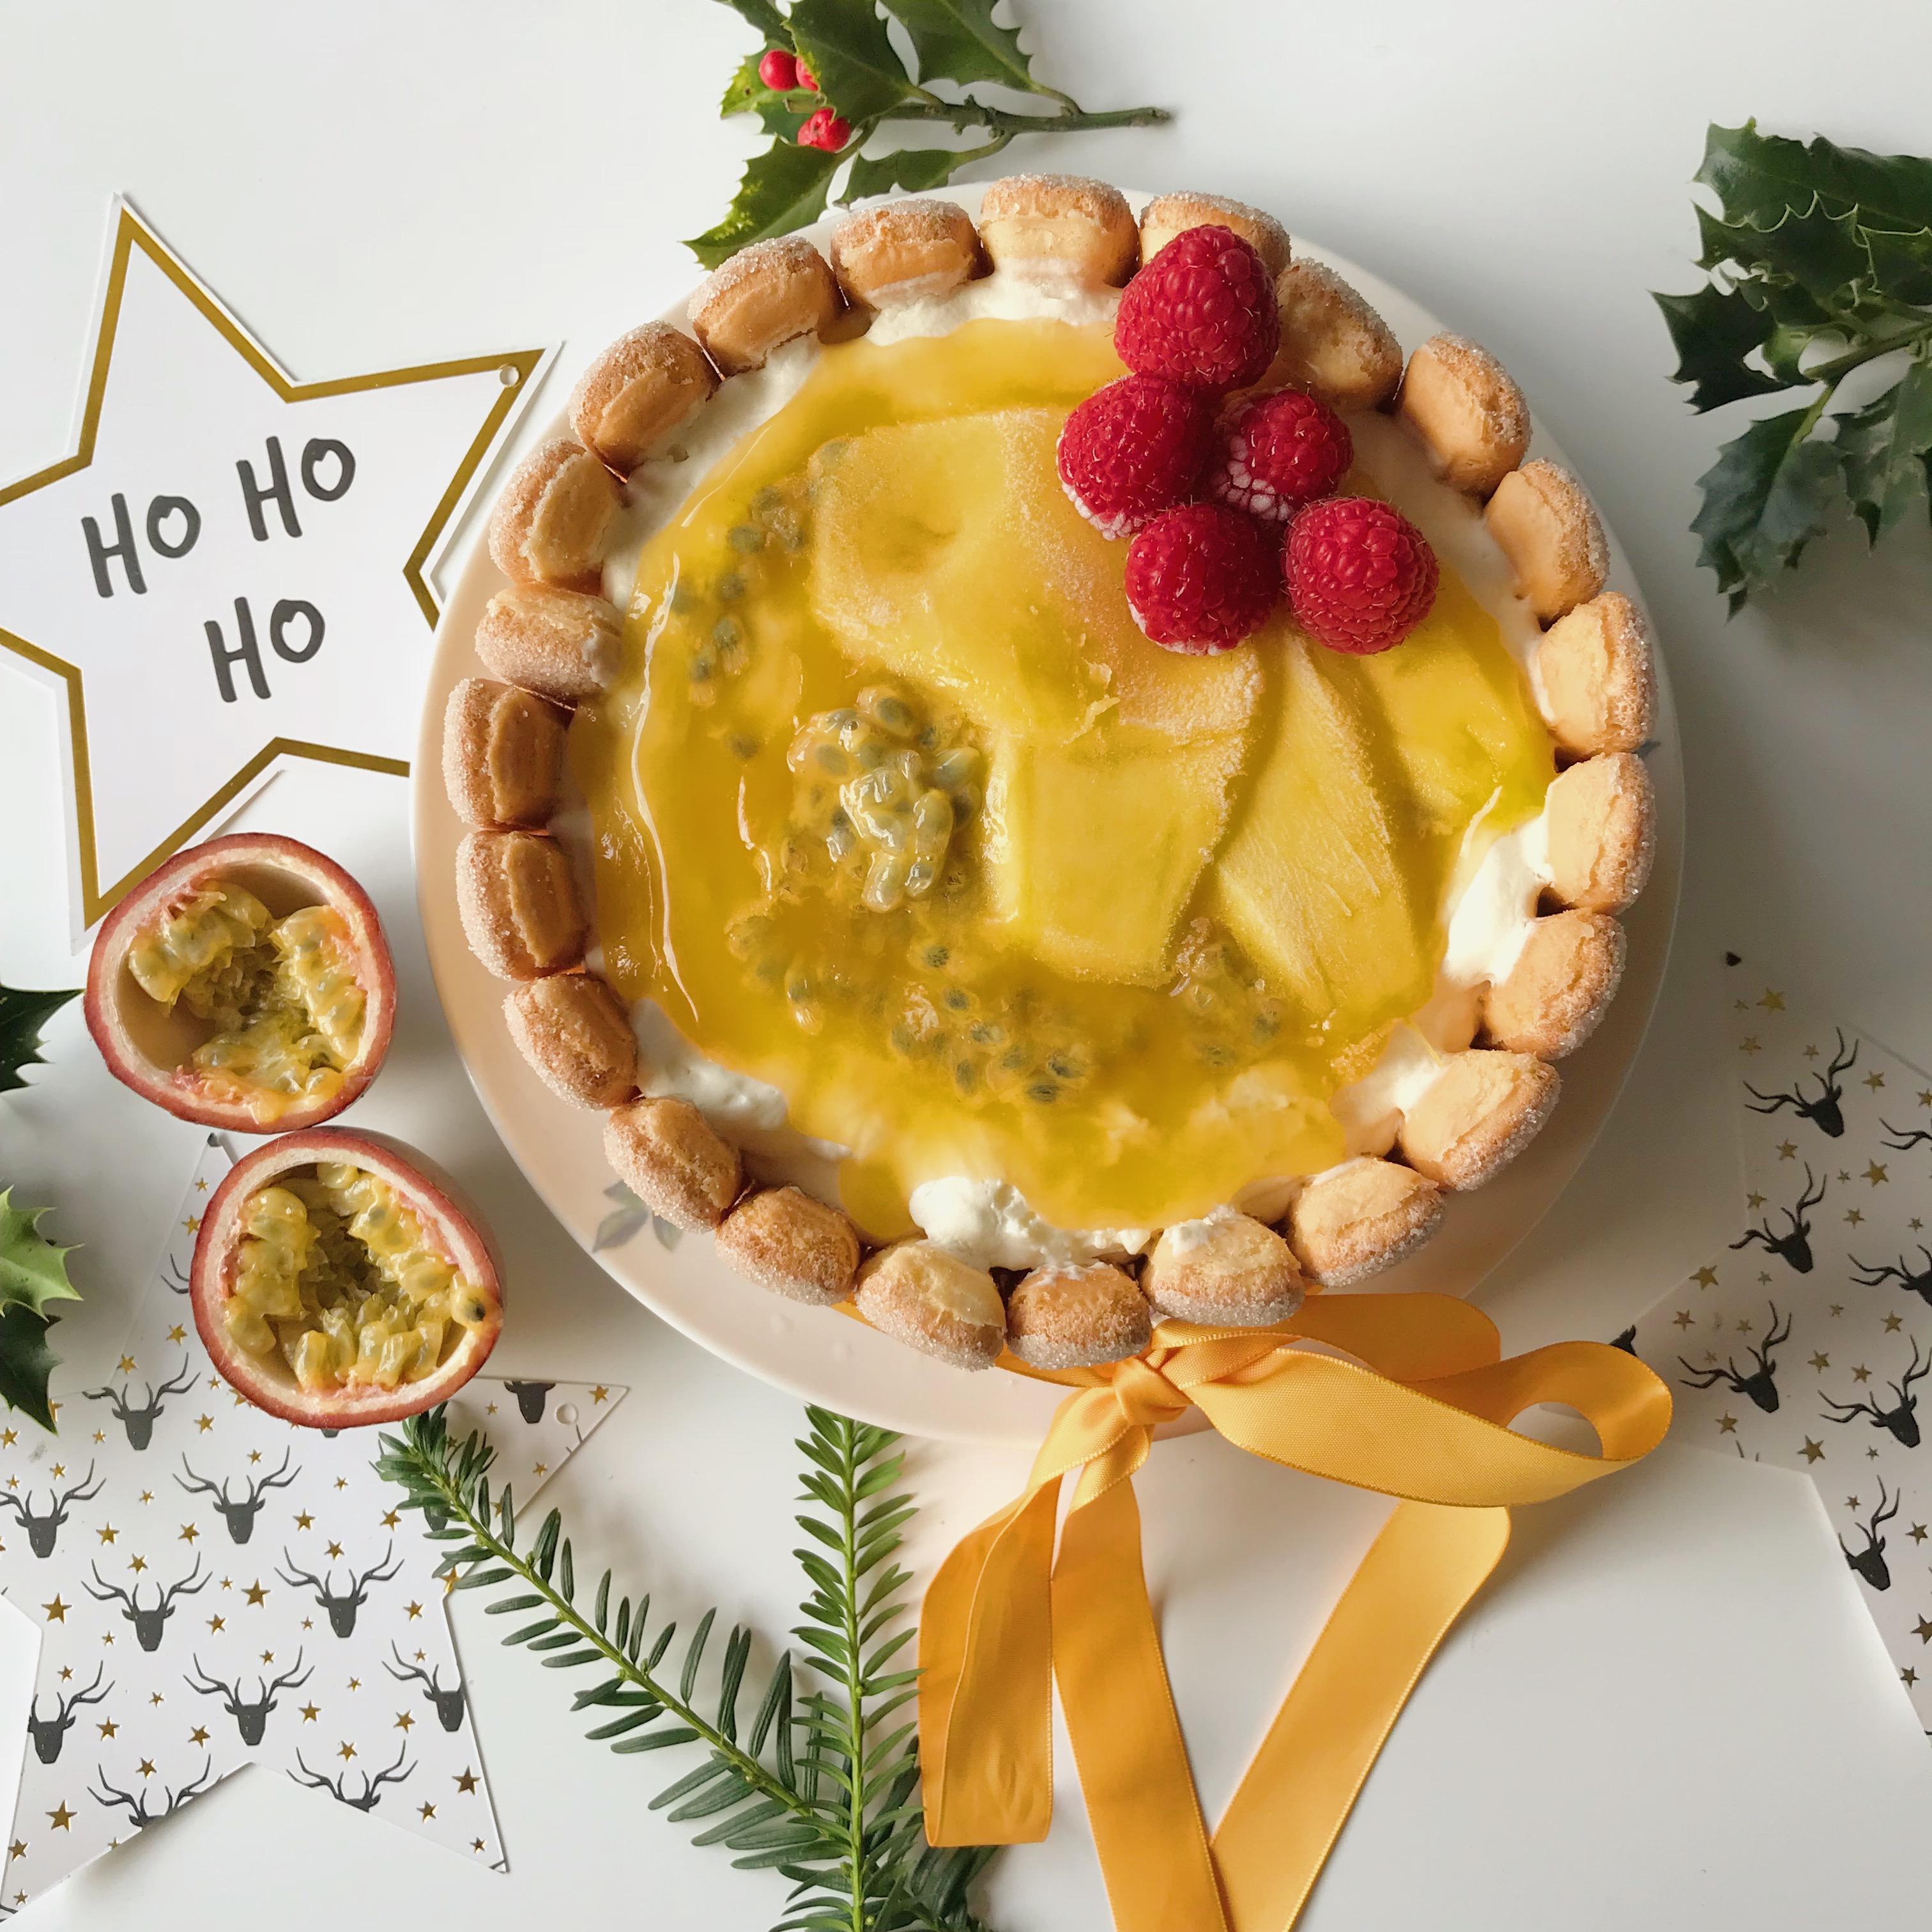 De culinaire cadeautjes verlanglijst 2020